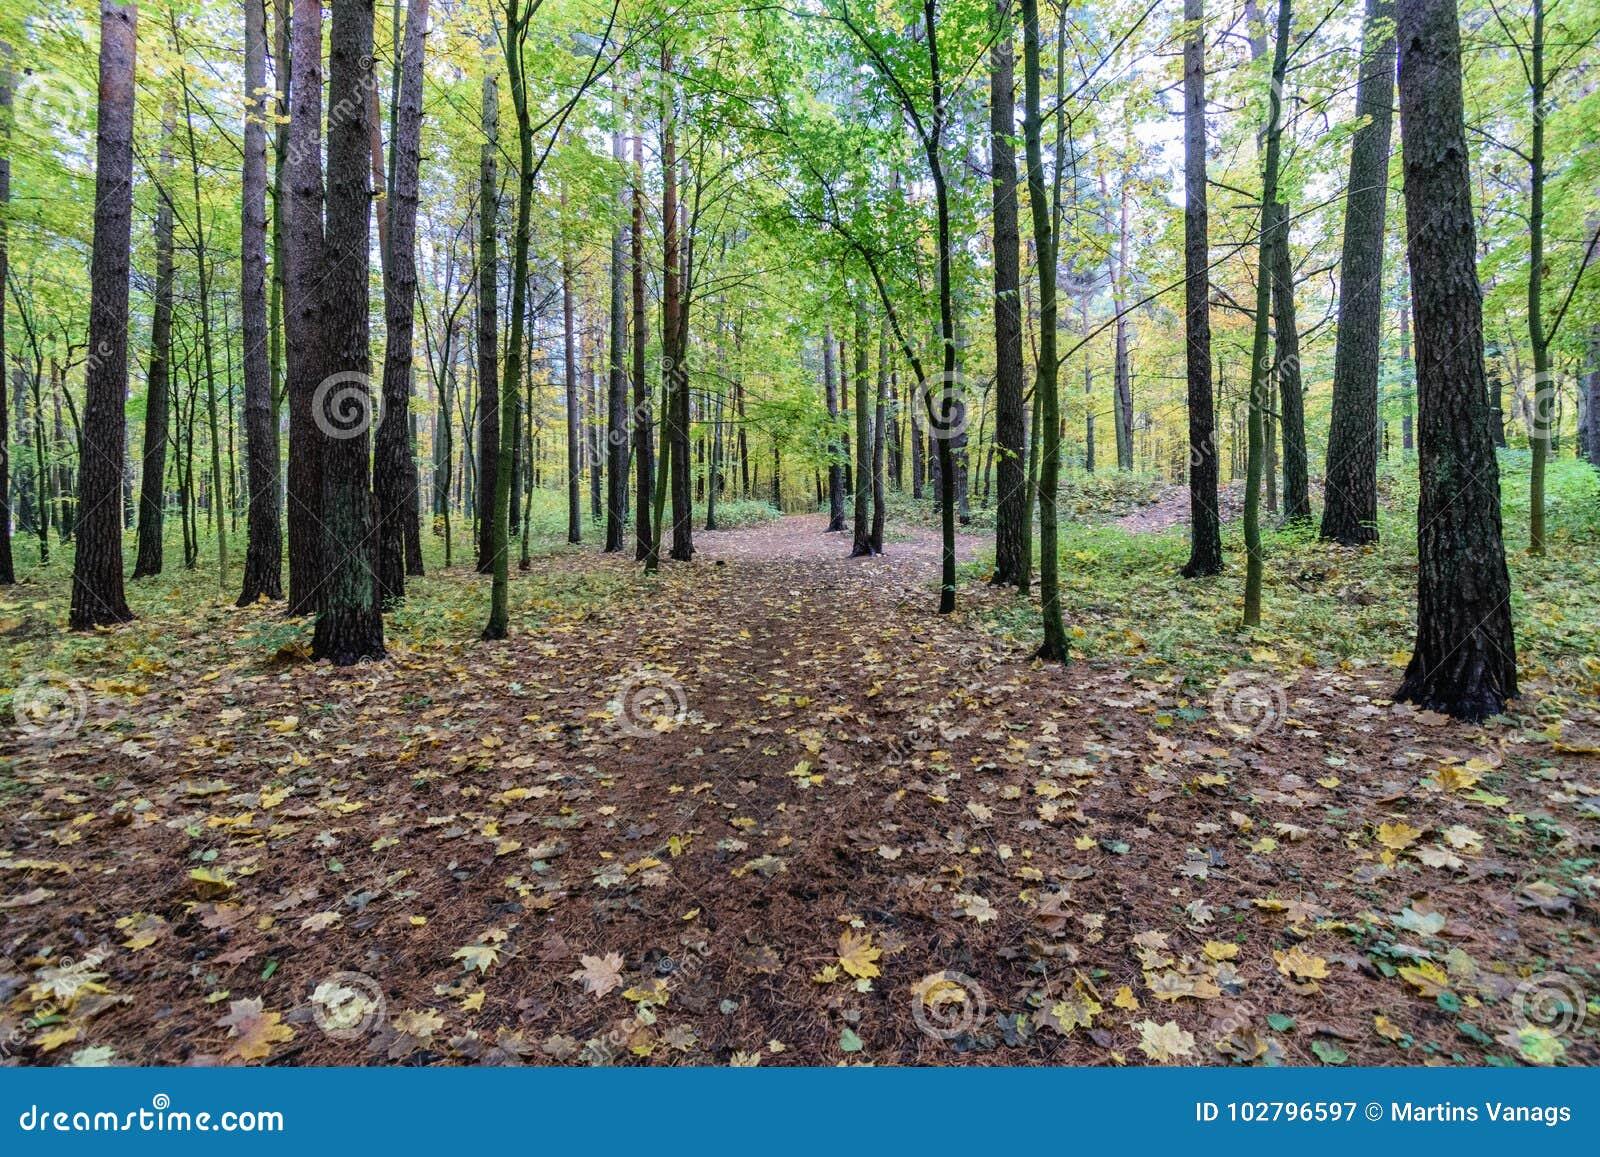 Mañana brumosa en las maderas bosque con los troncos de árbol